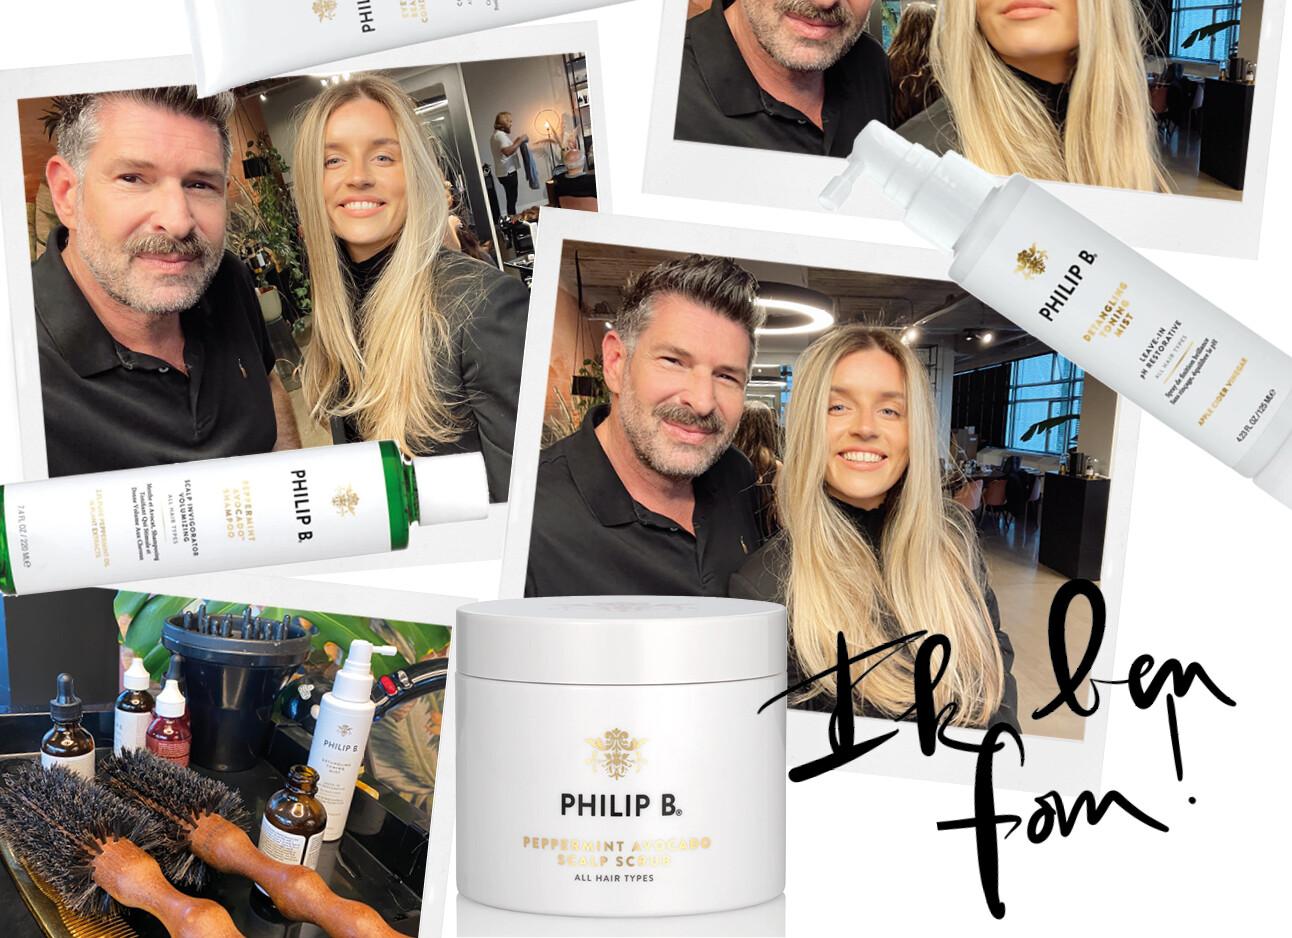 philip B en Lotte van Scherpenzeel scalp booster product nieuw haar